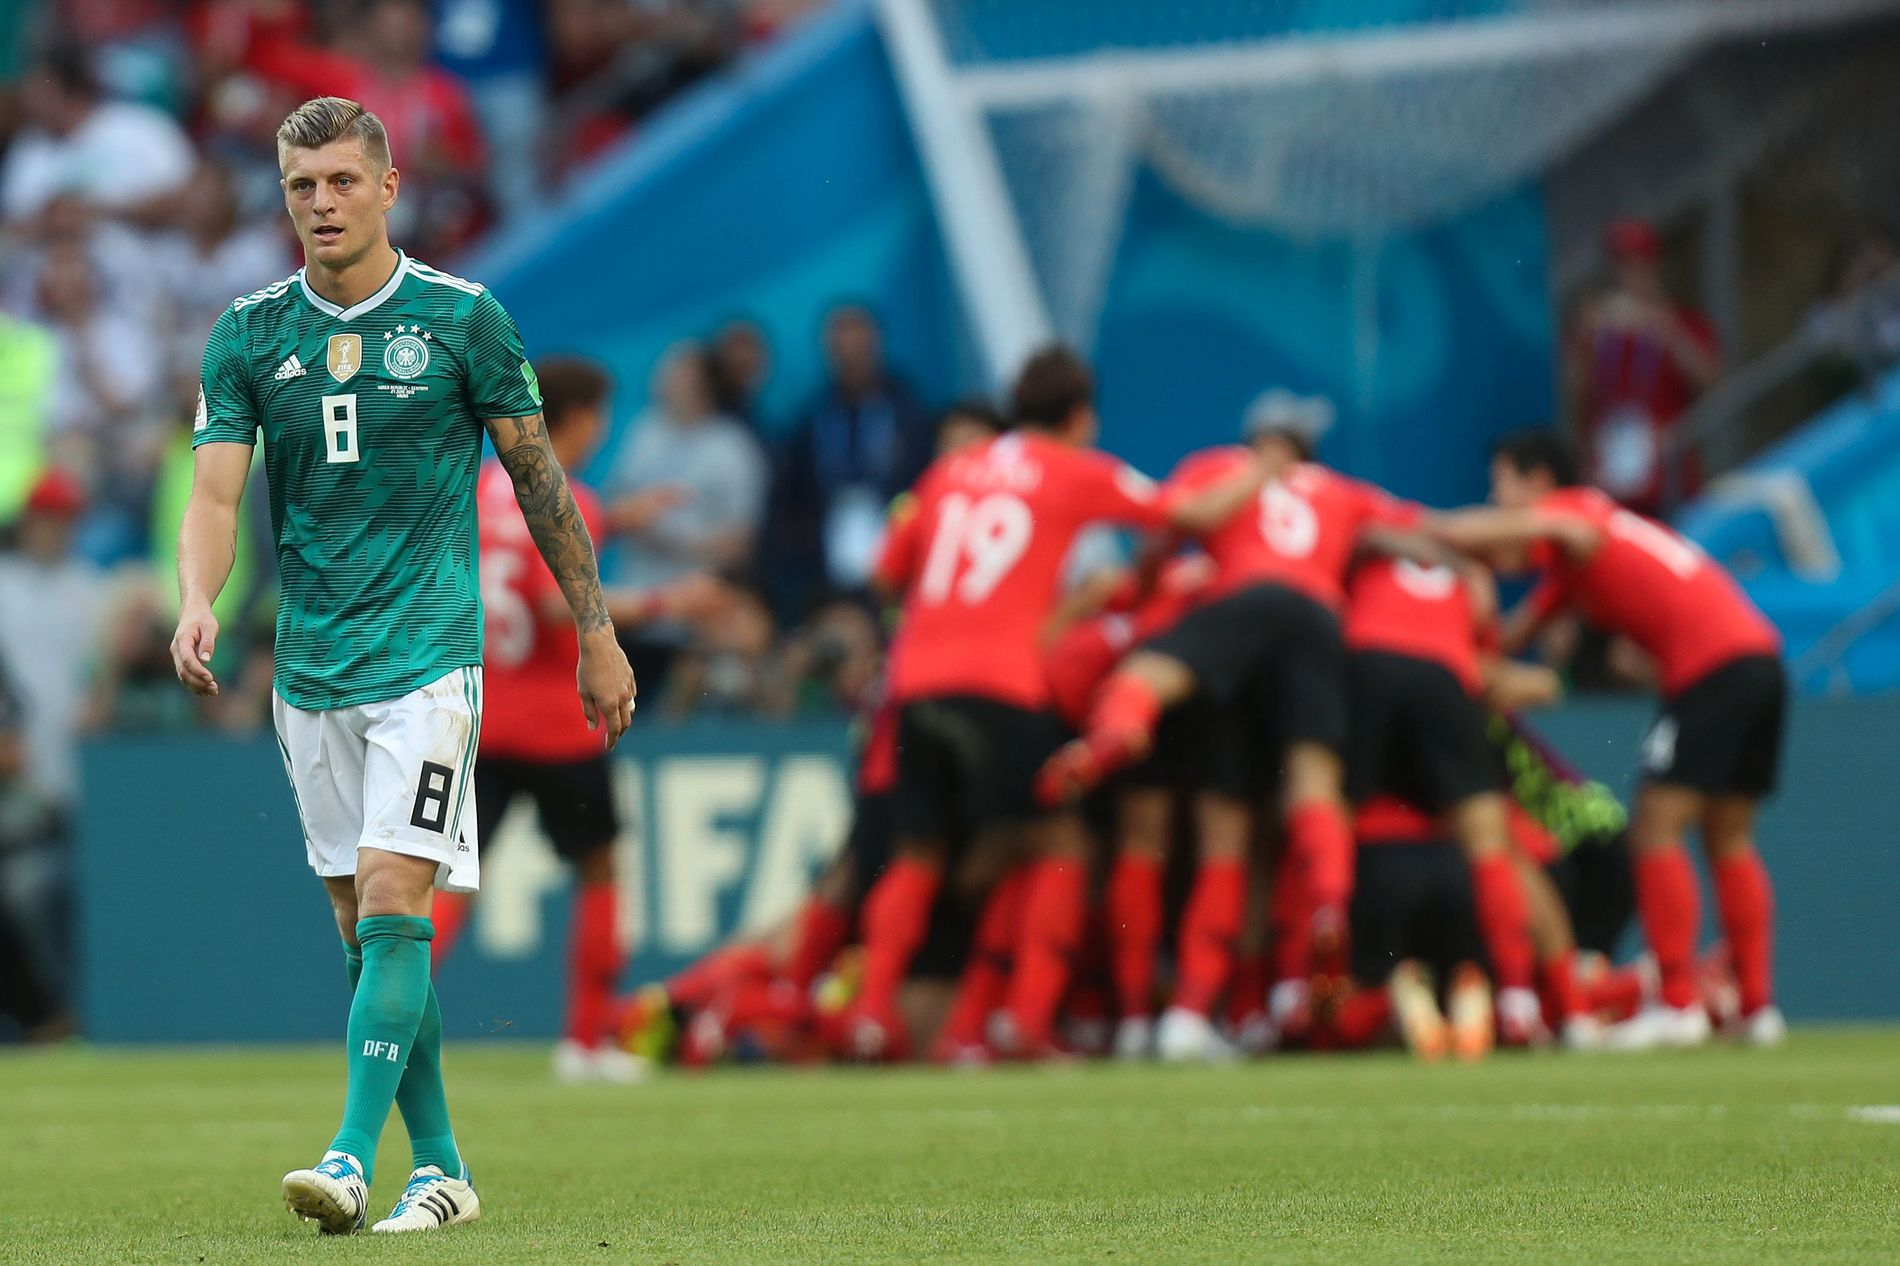 TOPP BLE BUNN: Toni Kroos og Tyskland vant VM i 2014, men reiste hjem som mesterskapets største tapere etter nederlaget for Sør-Korea.